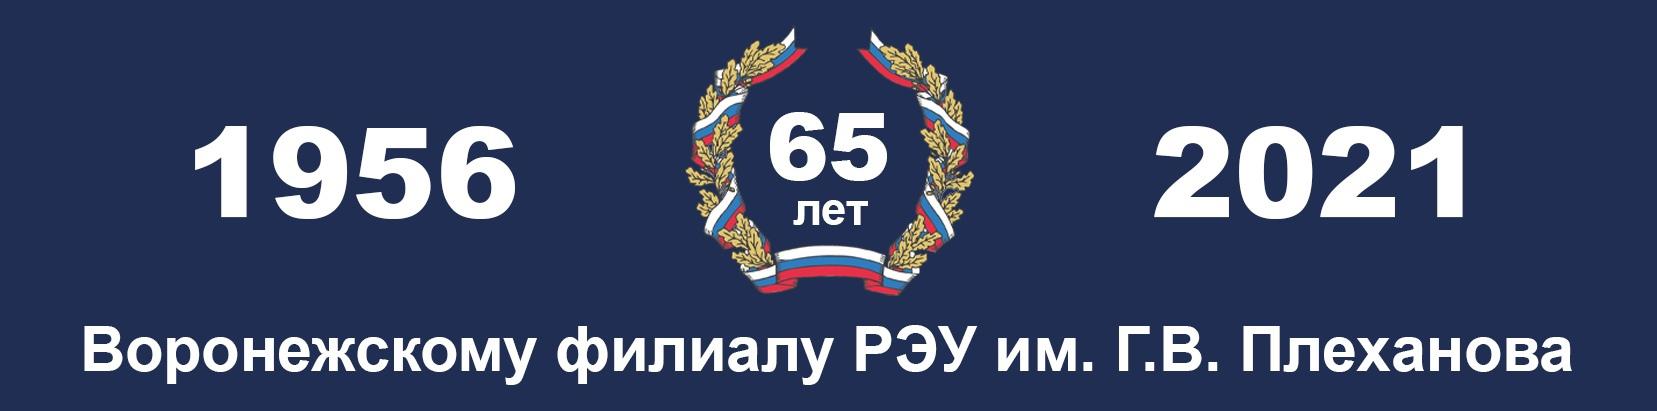 65 лет Воронежскому филиалу РЭУ им. Г.В. Плеханова